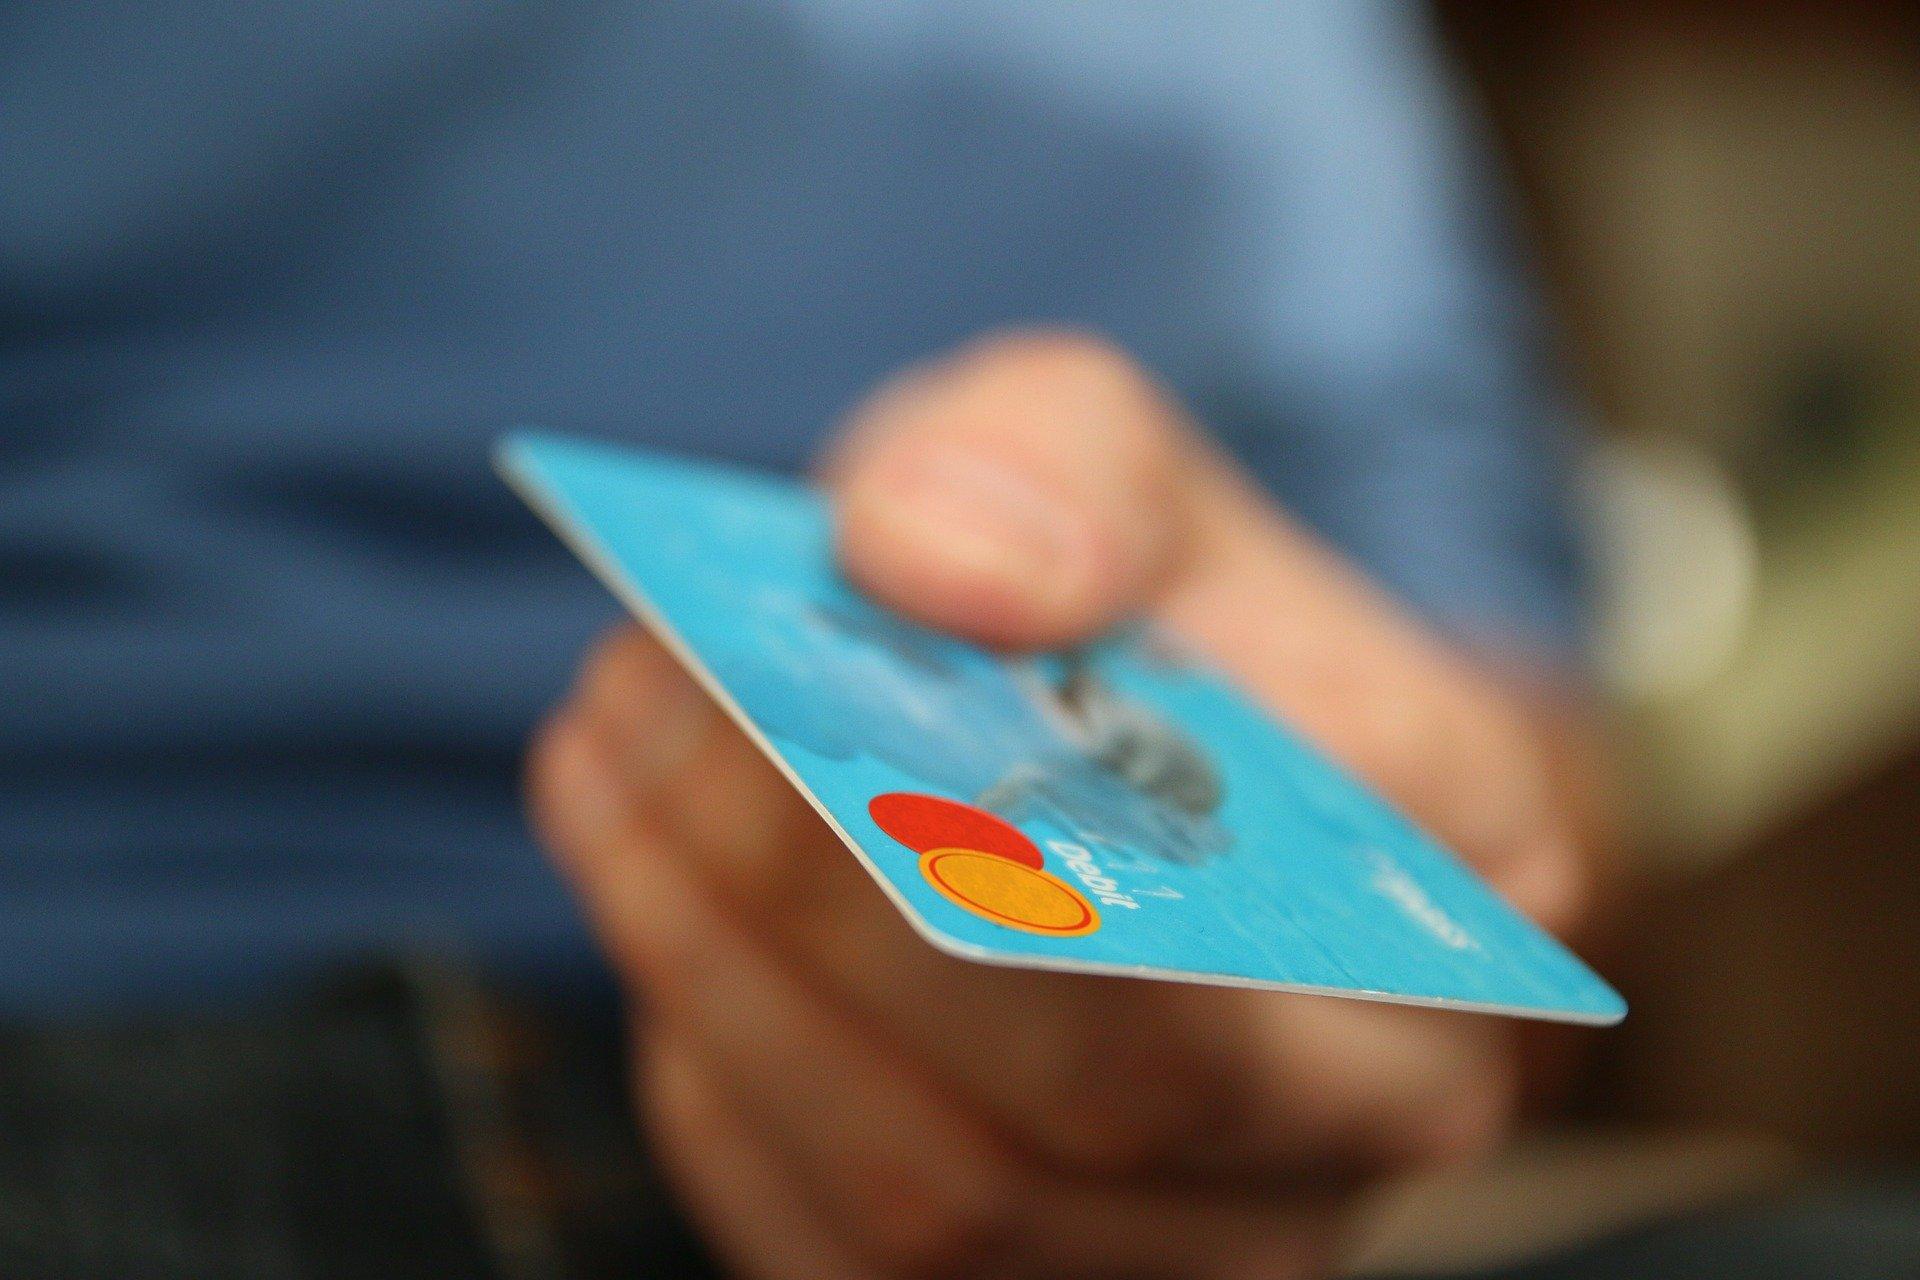 Mercado de máquinas de cartão de crédito cresce no Brasil